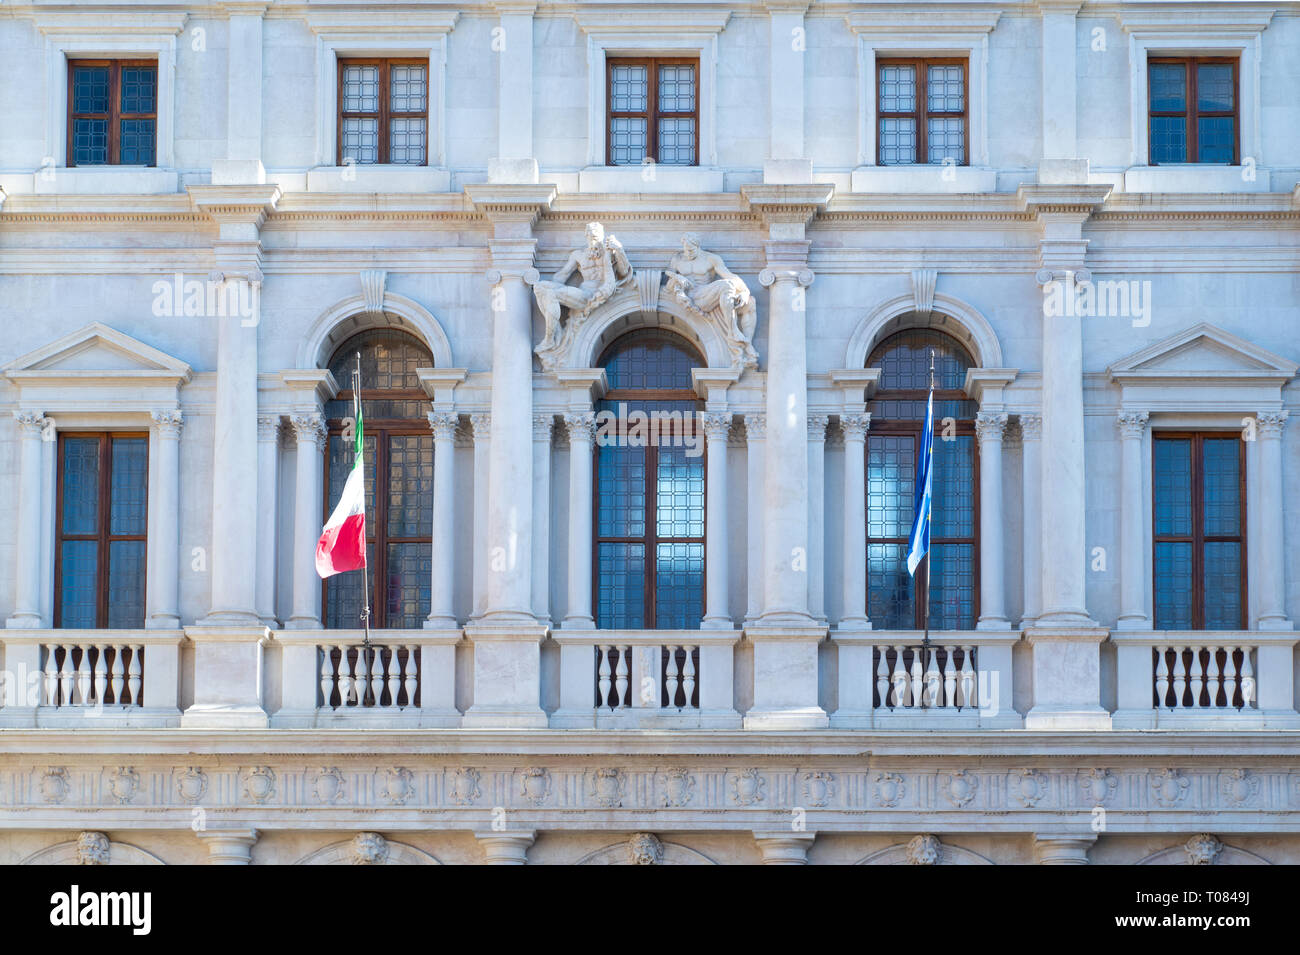 Italy, Bergamo, the facade of the Nuovo palace Stock Photo